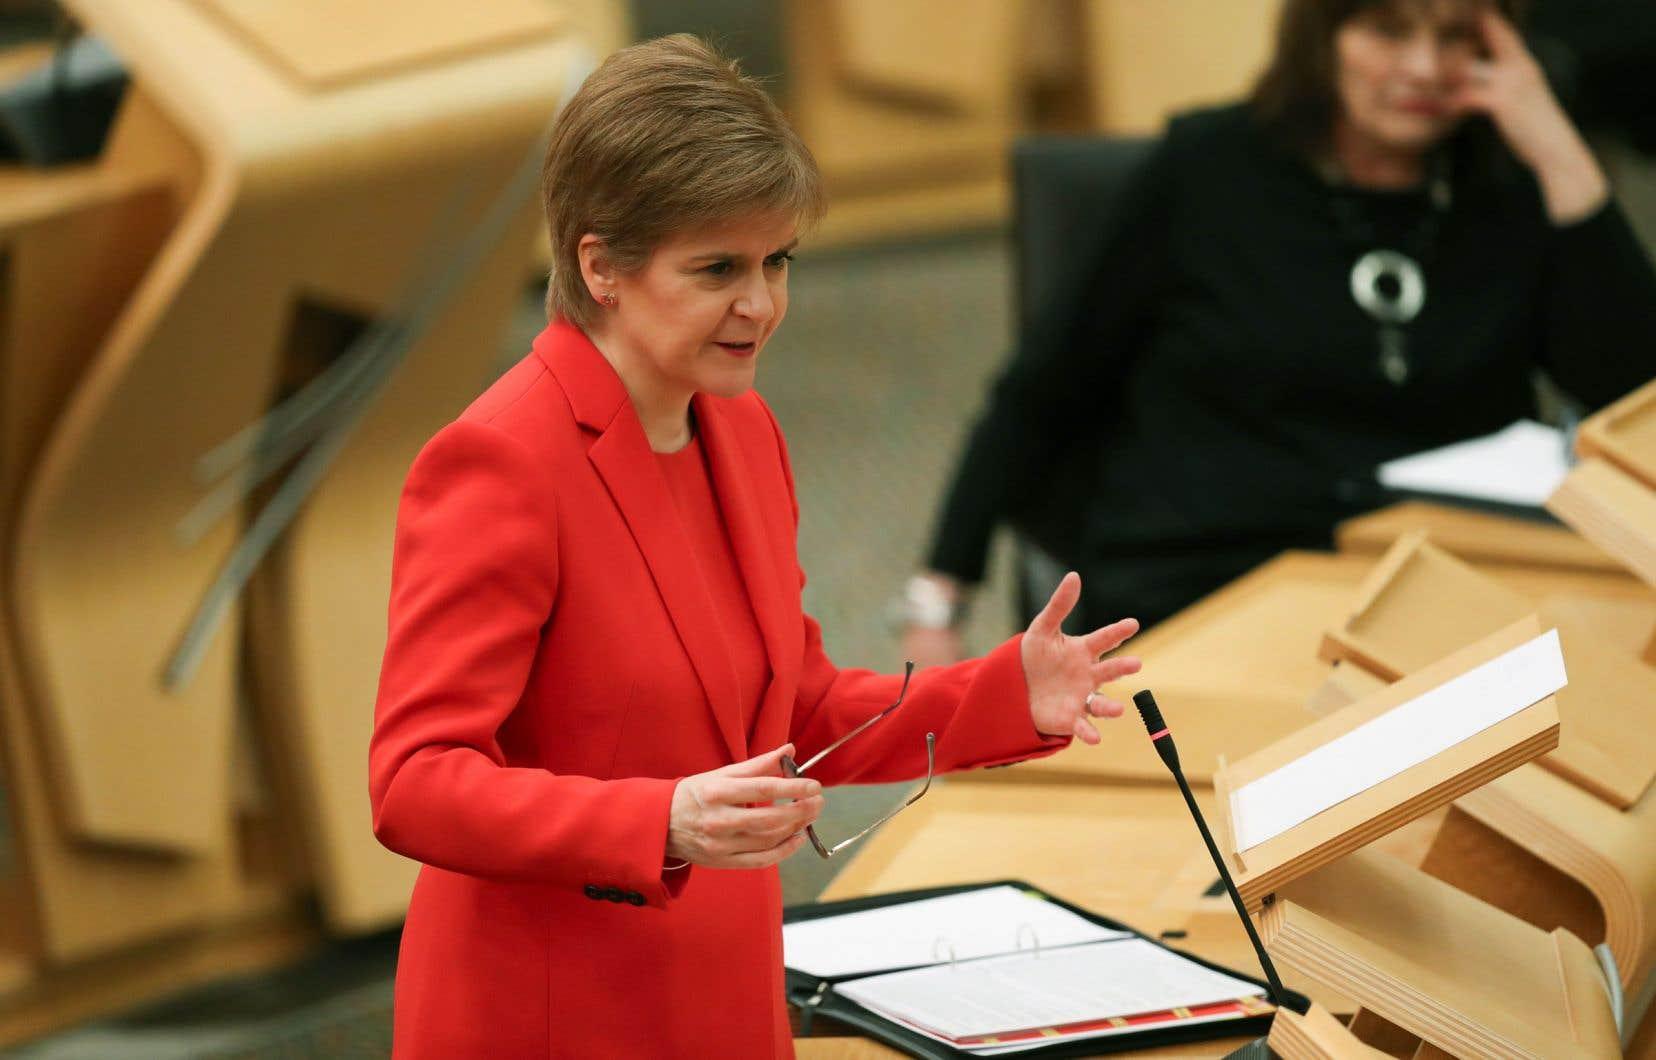 La première ministre écossaise, Nicola Sturgeon, qui est aussi la cheffe de file des indépendantistes du SNP (Parti national écossais).